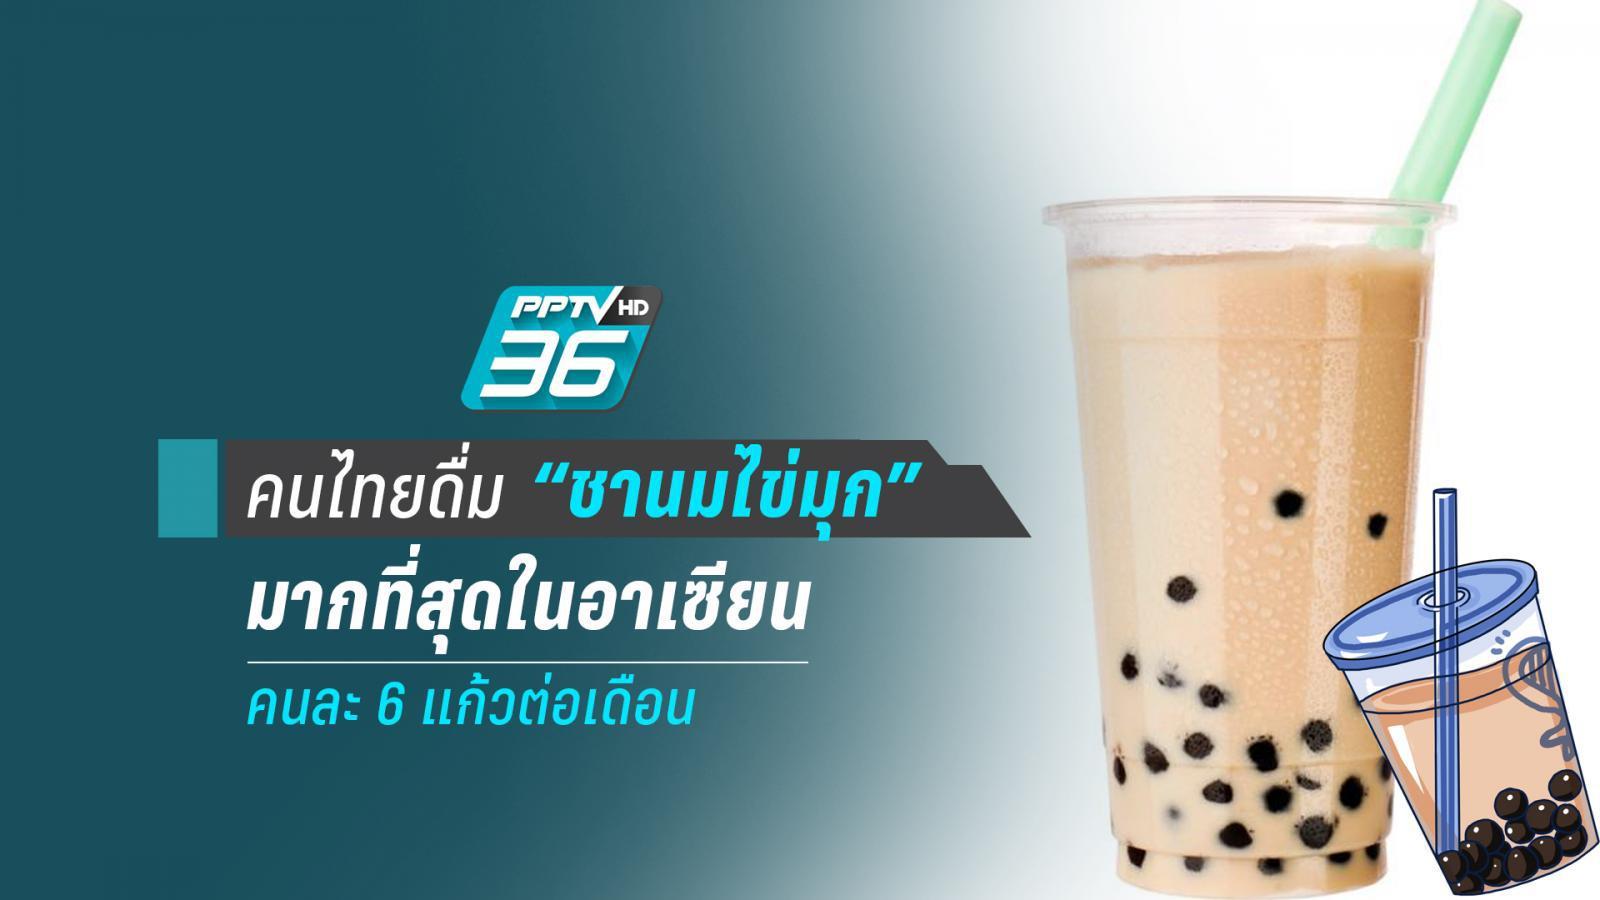 """ธุรกิจชานมไข่มุกมีแนวโน้มเติบโต """"ลดลง""""  แต่คนไทยยังครองแชมป์ดื่มมากสุดในอาเซียน"""